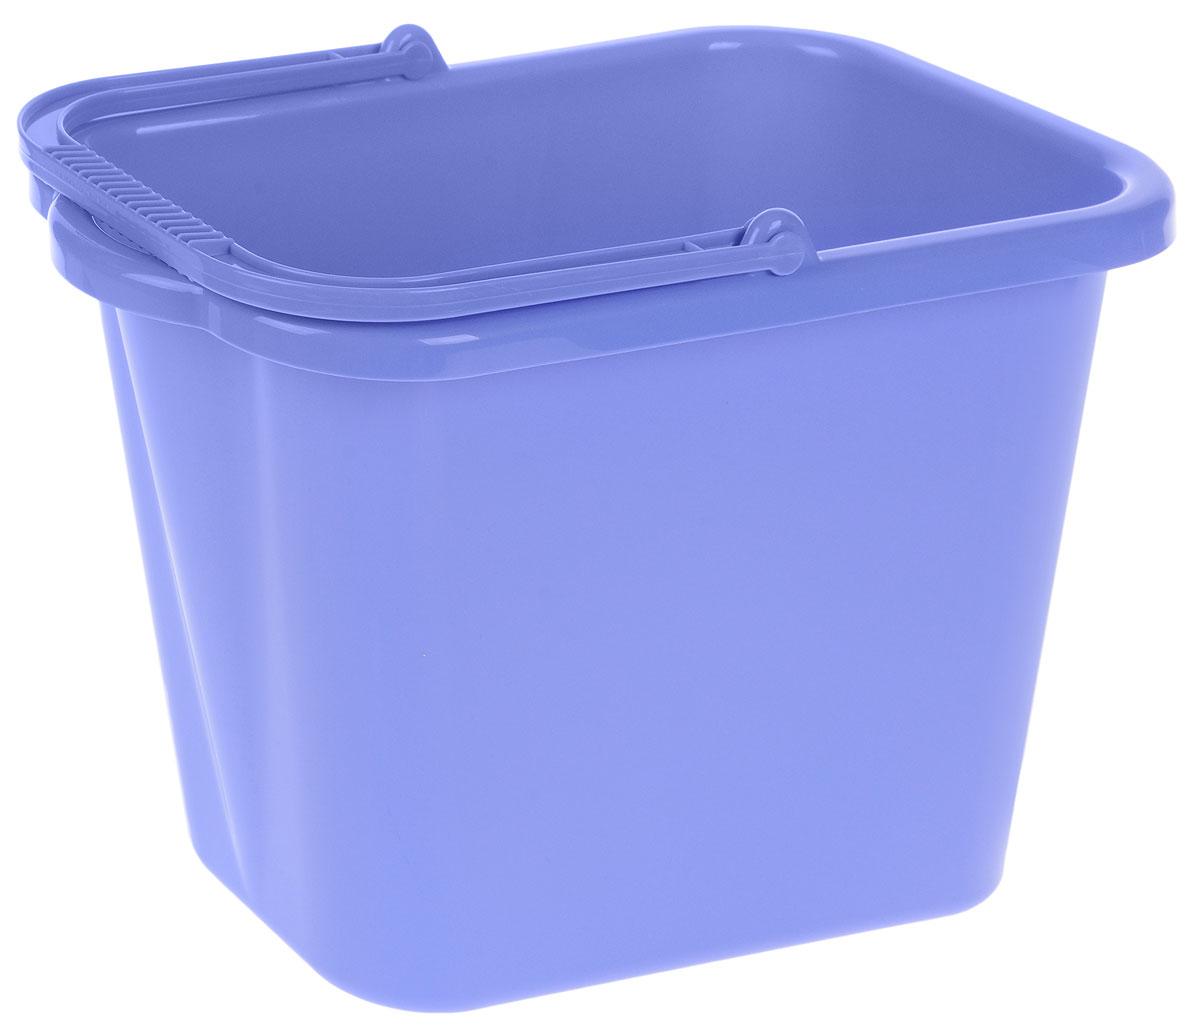 Ведро хозяйственное Idea, прямоугольное, цвет: сиреневый, 9,5 лМ 2420Прямоугольное ведро Idea изготовлено из прочного пластика. Изделие порадует практичных хозяек. Ведро можно использовать для пищевых продуктов или для мытья полов. Для удобного использования ведро имеет пластиковую ручку и носик для выливания воды. Размер ведра (по верхнему краю): 36 х 21,5 см. Высота стенки: 25 см.